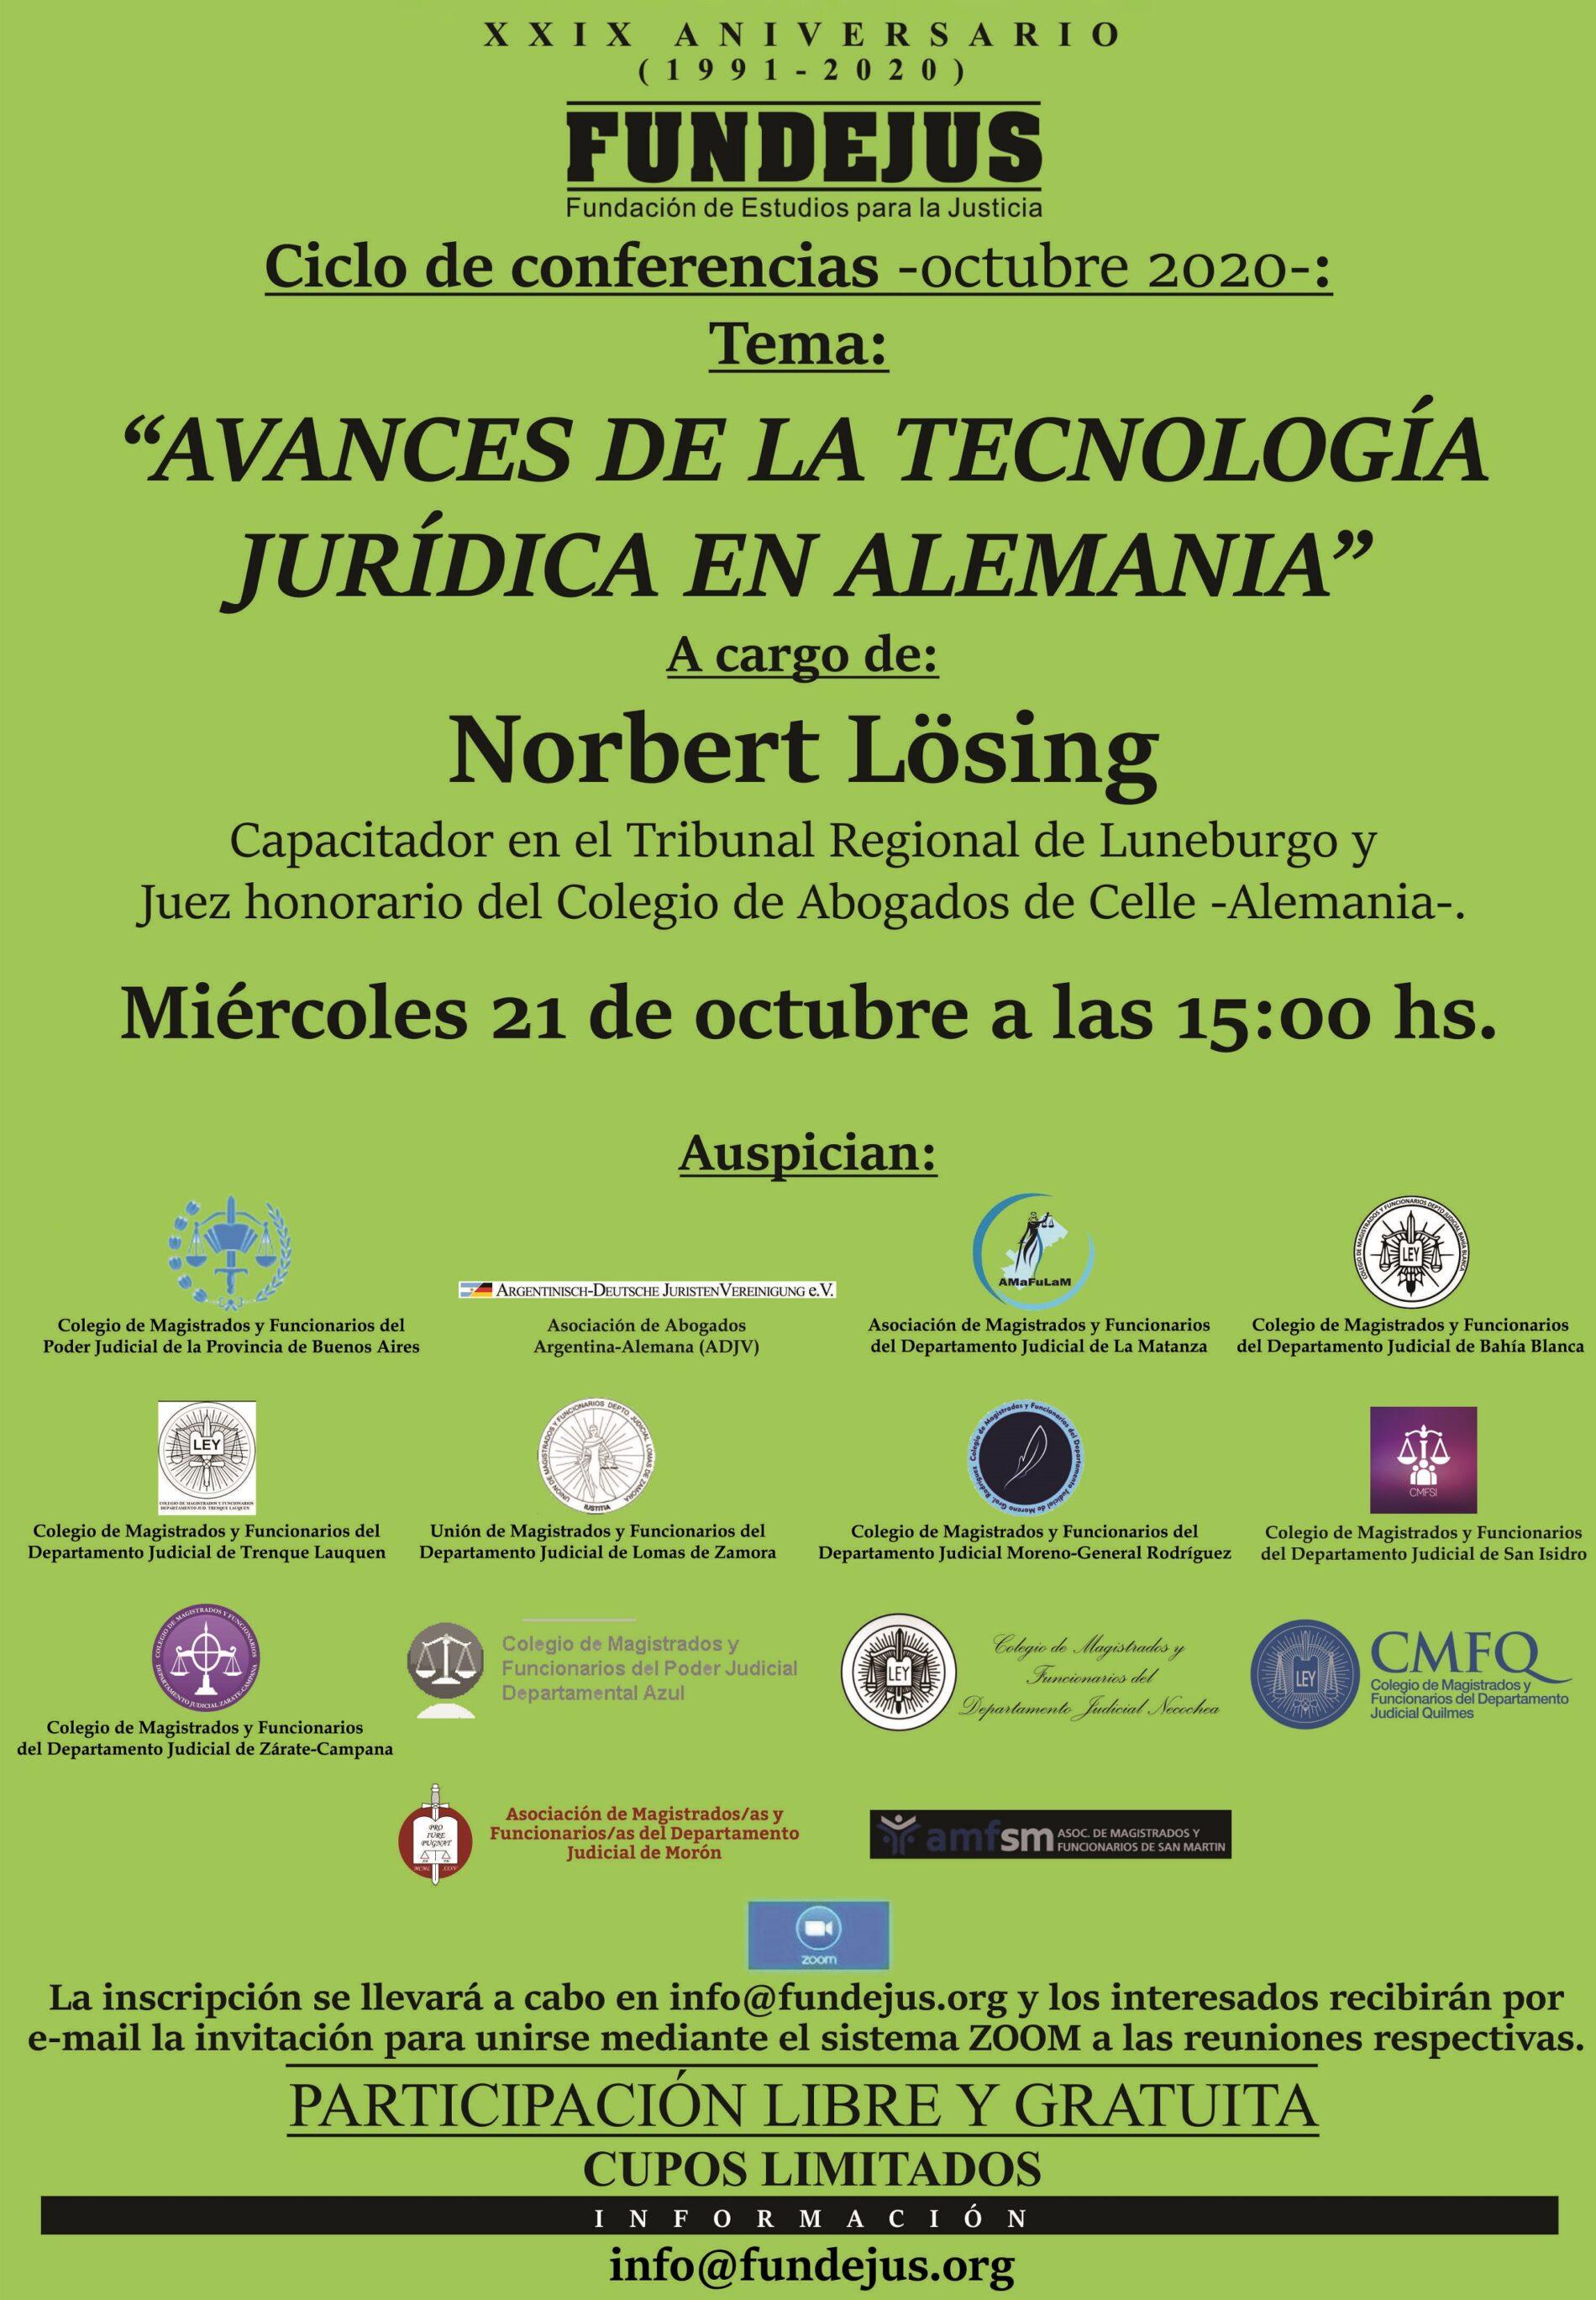 Próxima jornada: 21/10 «AVANCES DE LA TECNOLOGÍA JURÍDICA EN ALEMANIA»